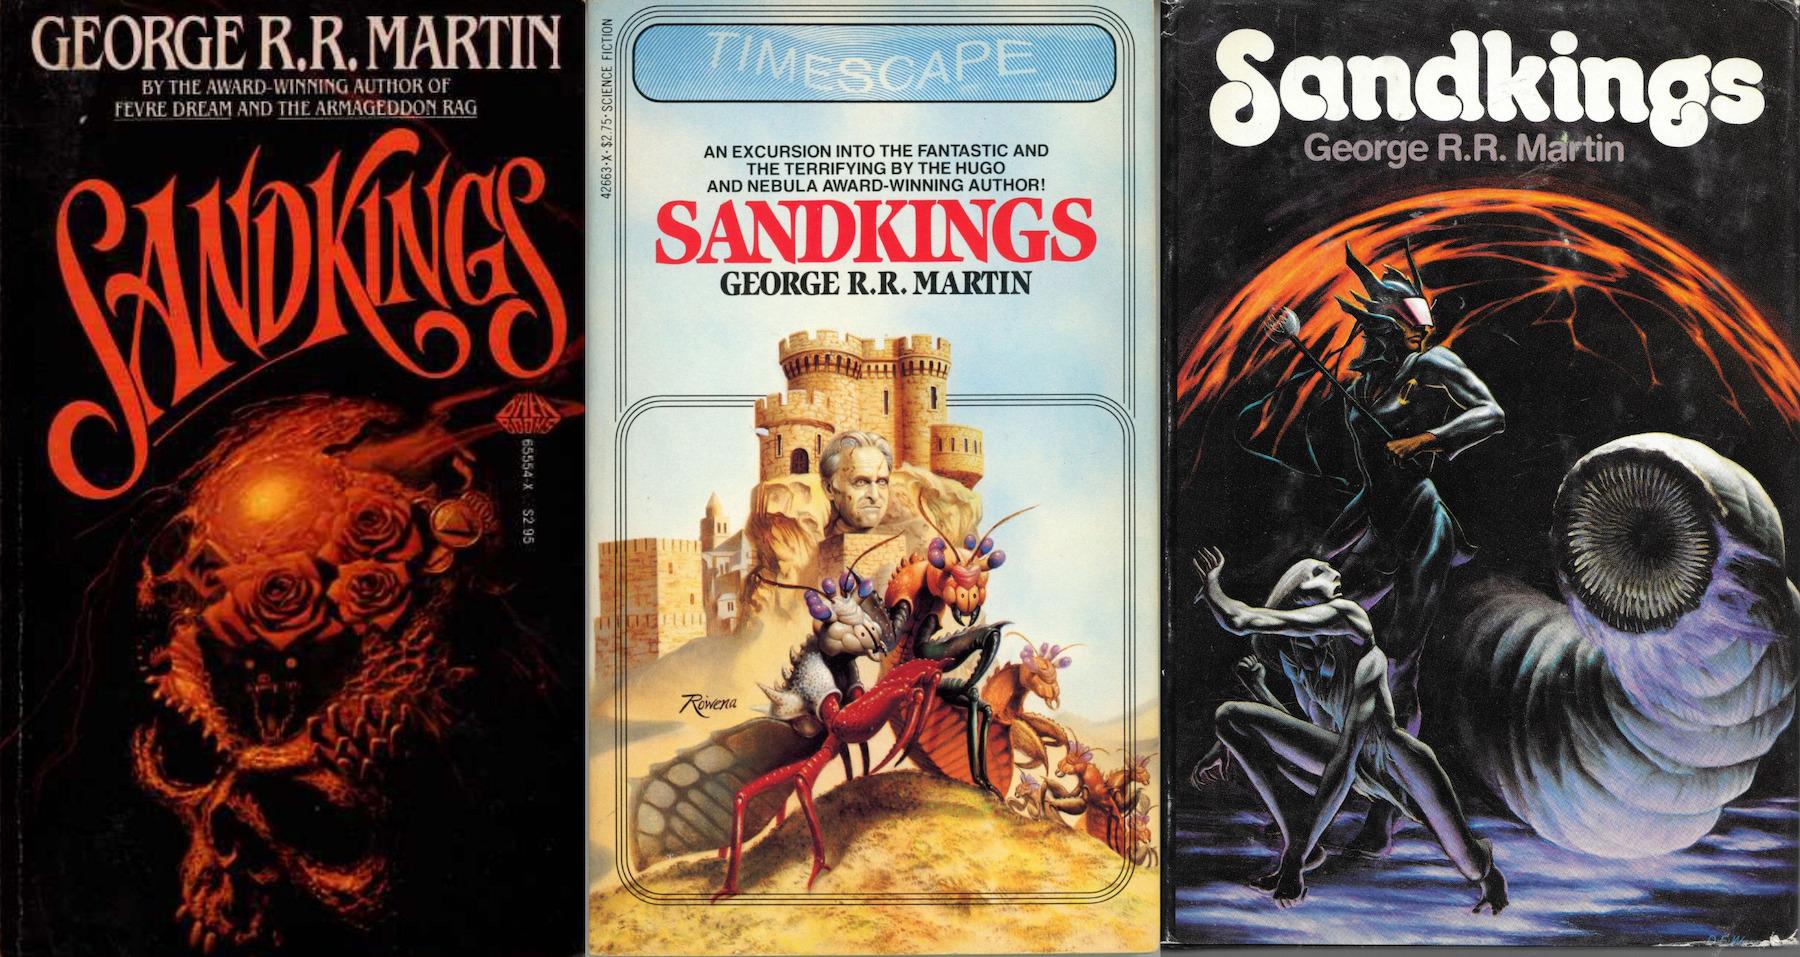 Sandkings : le roman culte de George RR Martin bientôt adapté sur Netflix #2